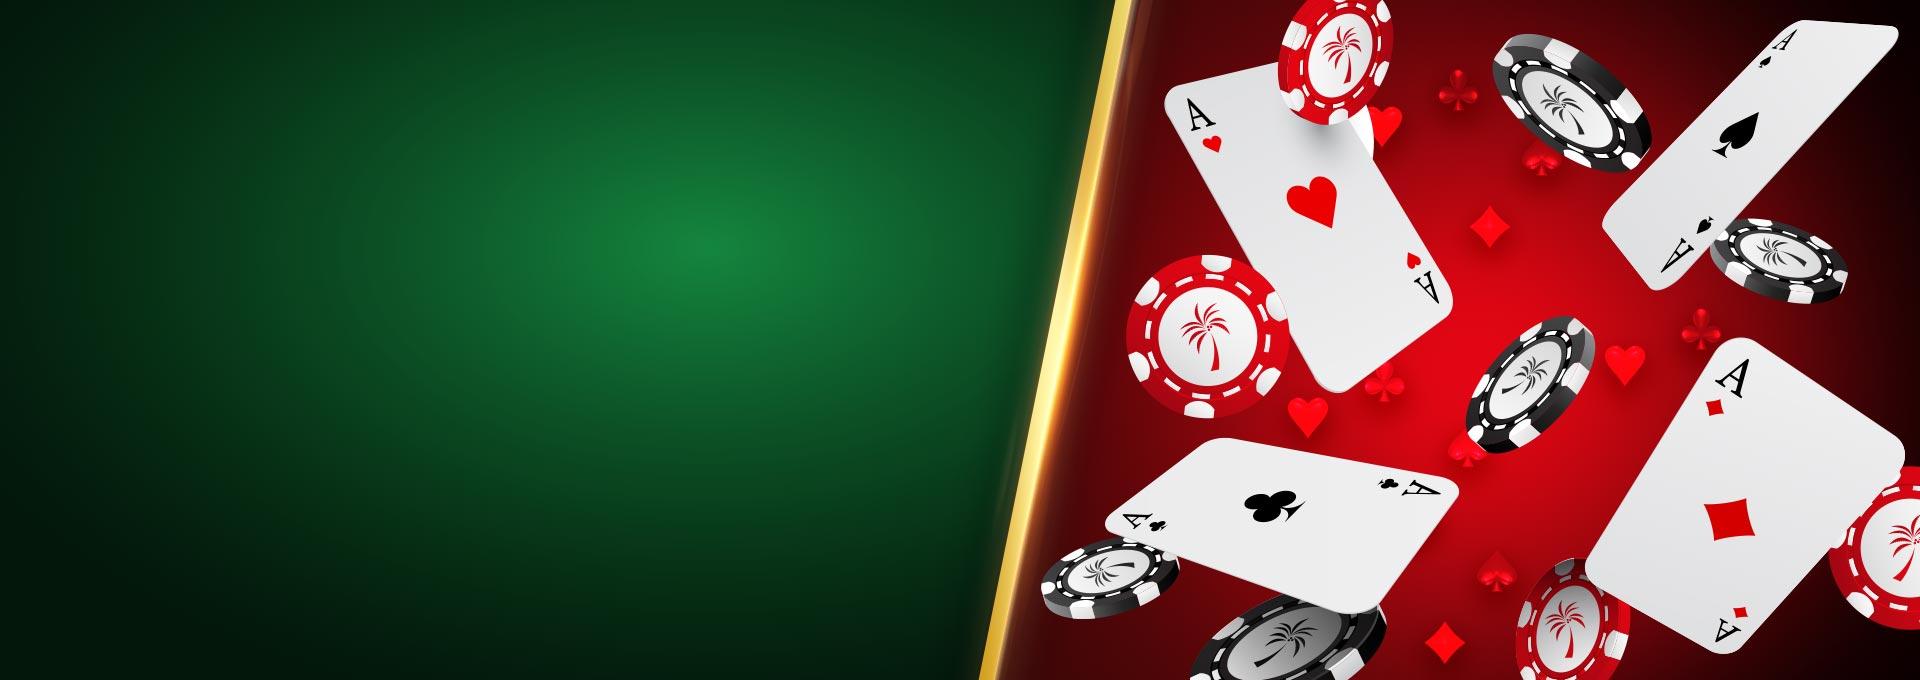 Покер автоматы играть онлайн о бездепозитные бонусы в рублях казино 2015 за регистрацию